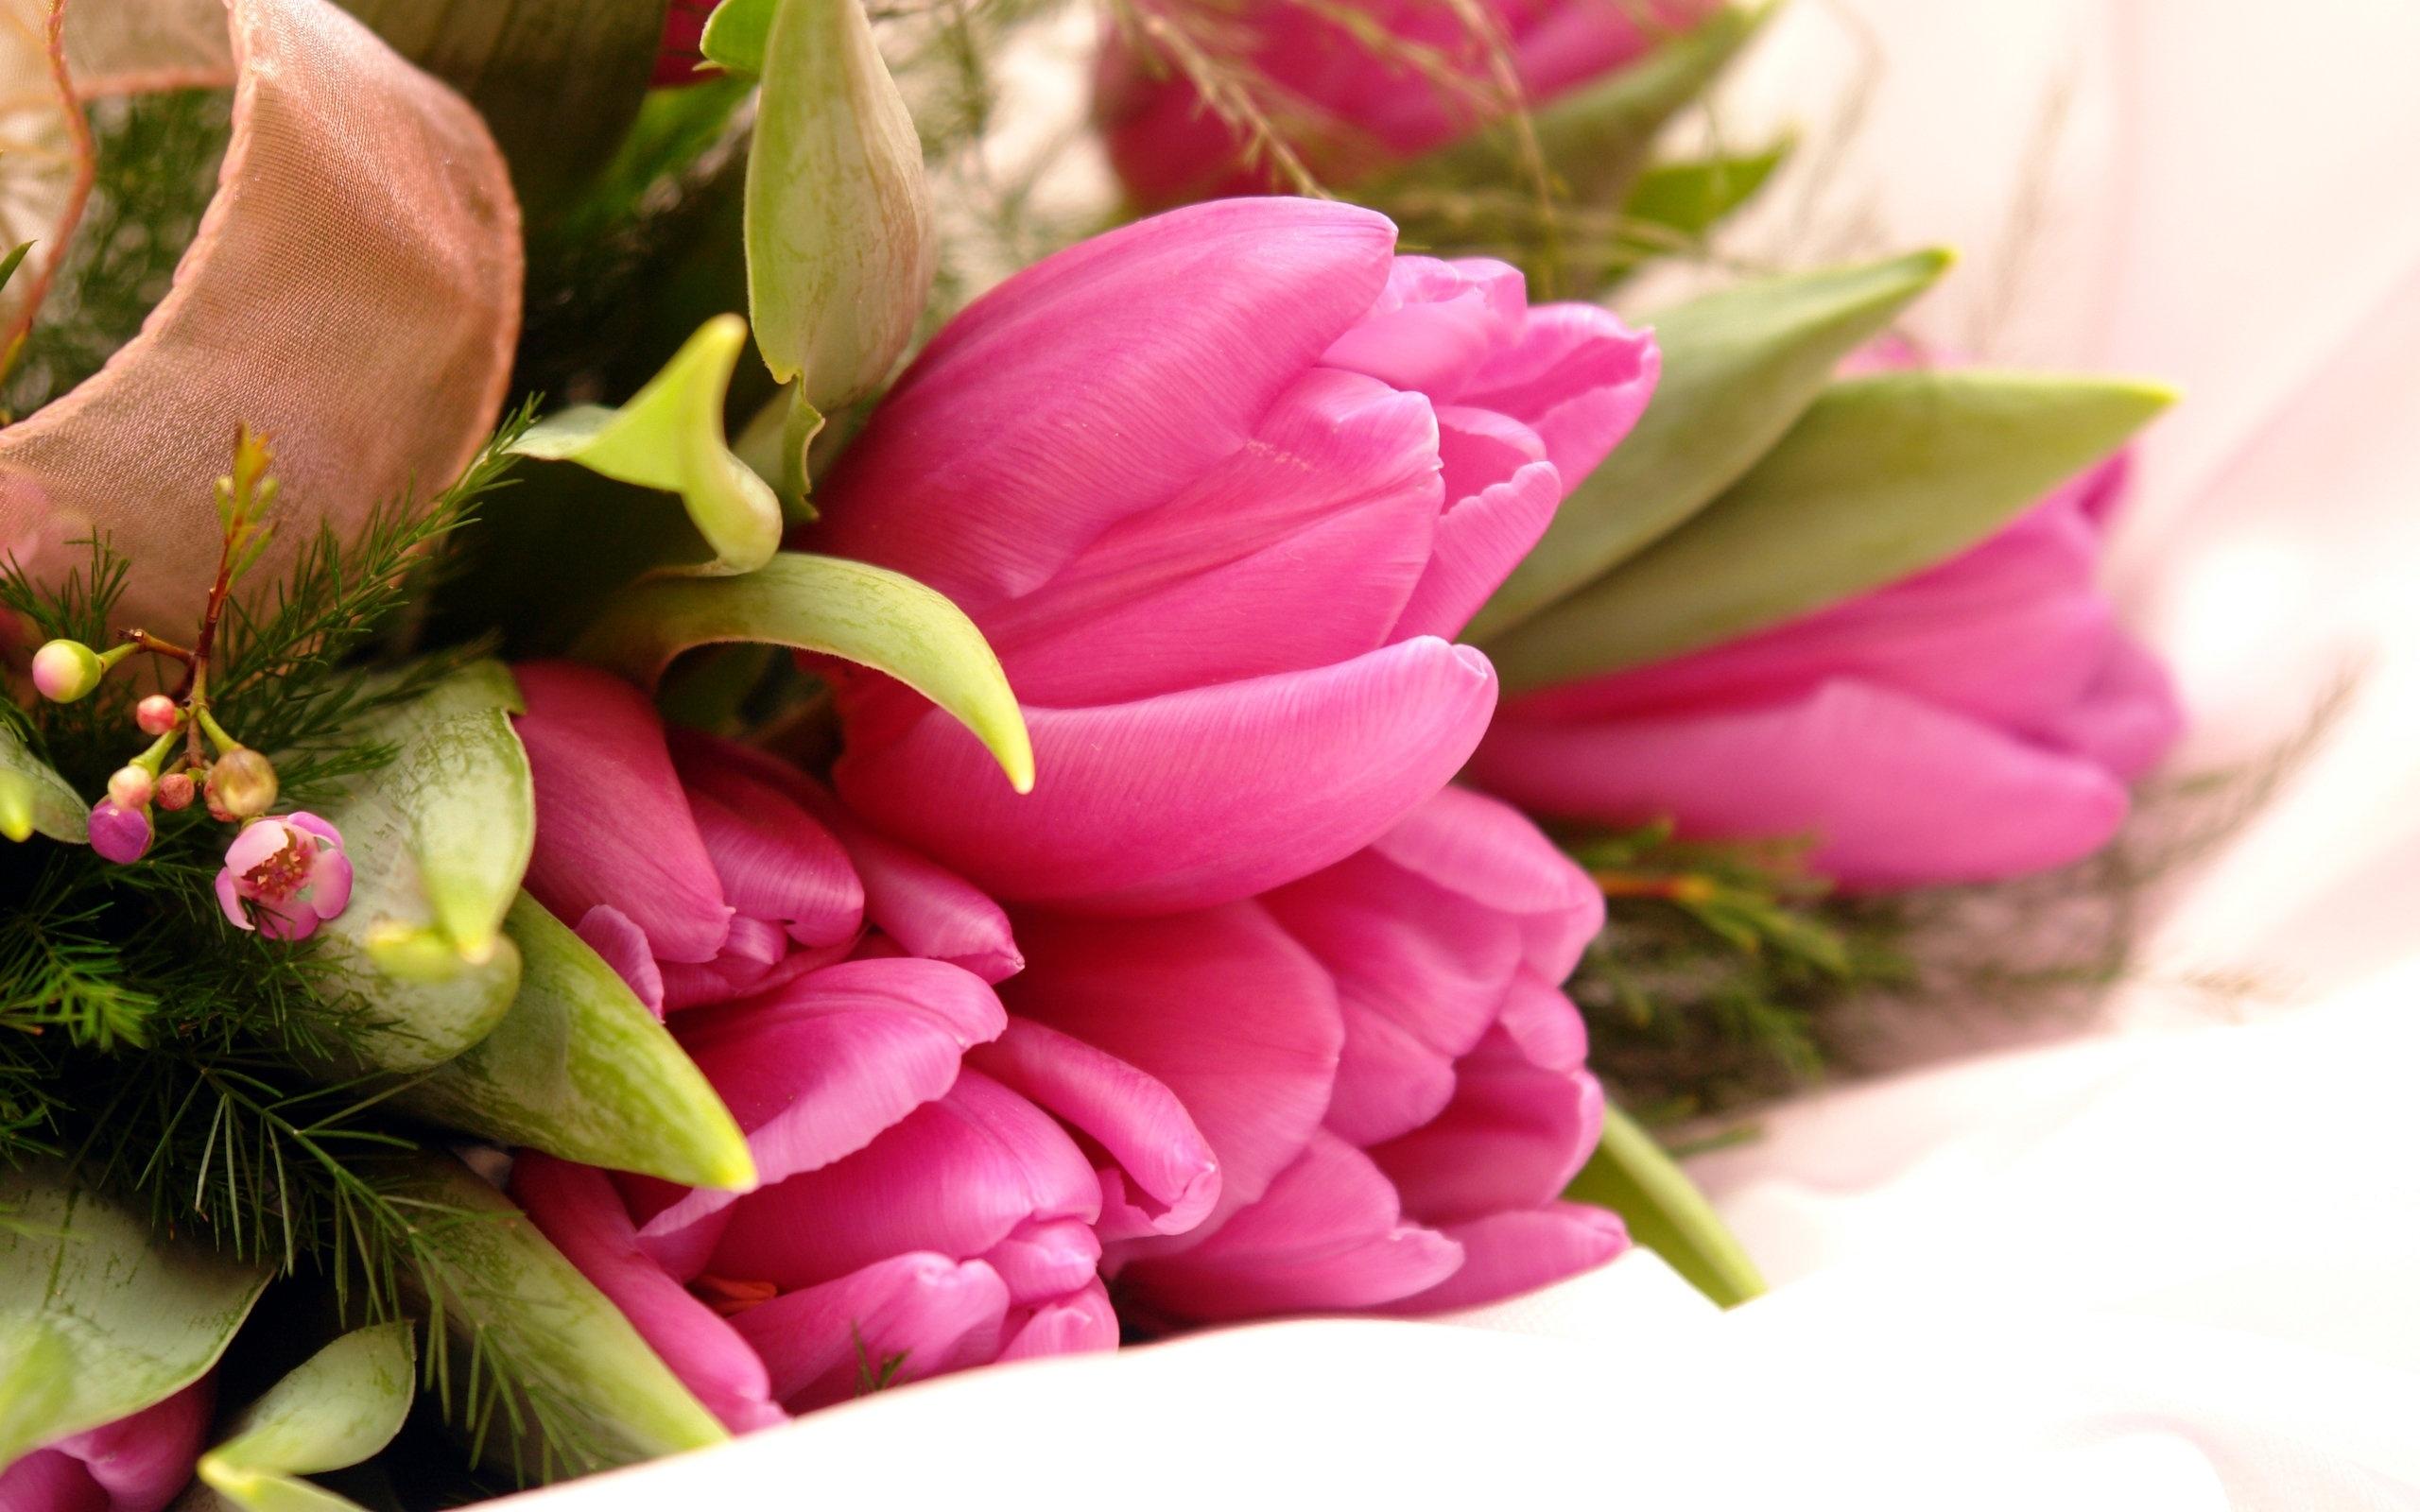 46681 скачать обои Растения, Цветы, Тюльпаны - заставки и картинки бесплатно